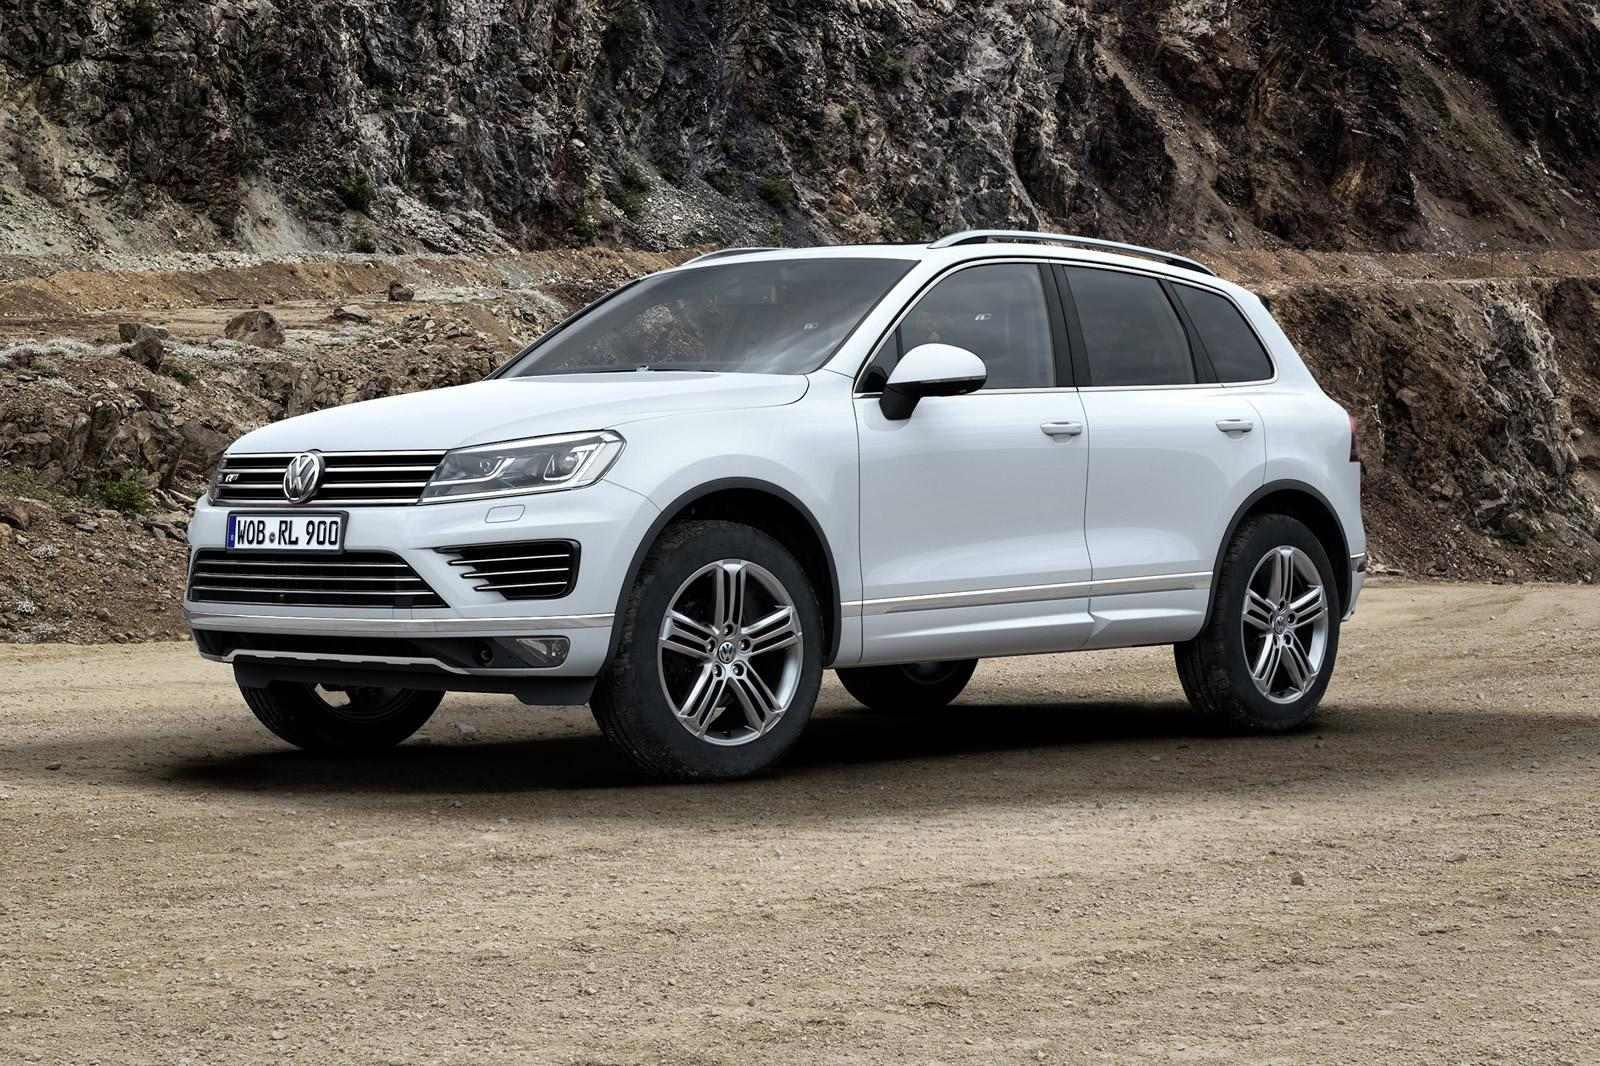 2015-Volkswagen-Touareg-Diesel-Wallpaper-Desktop